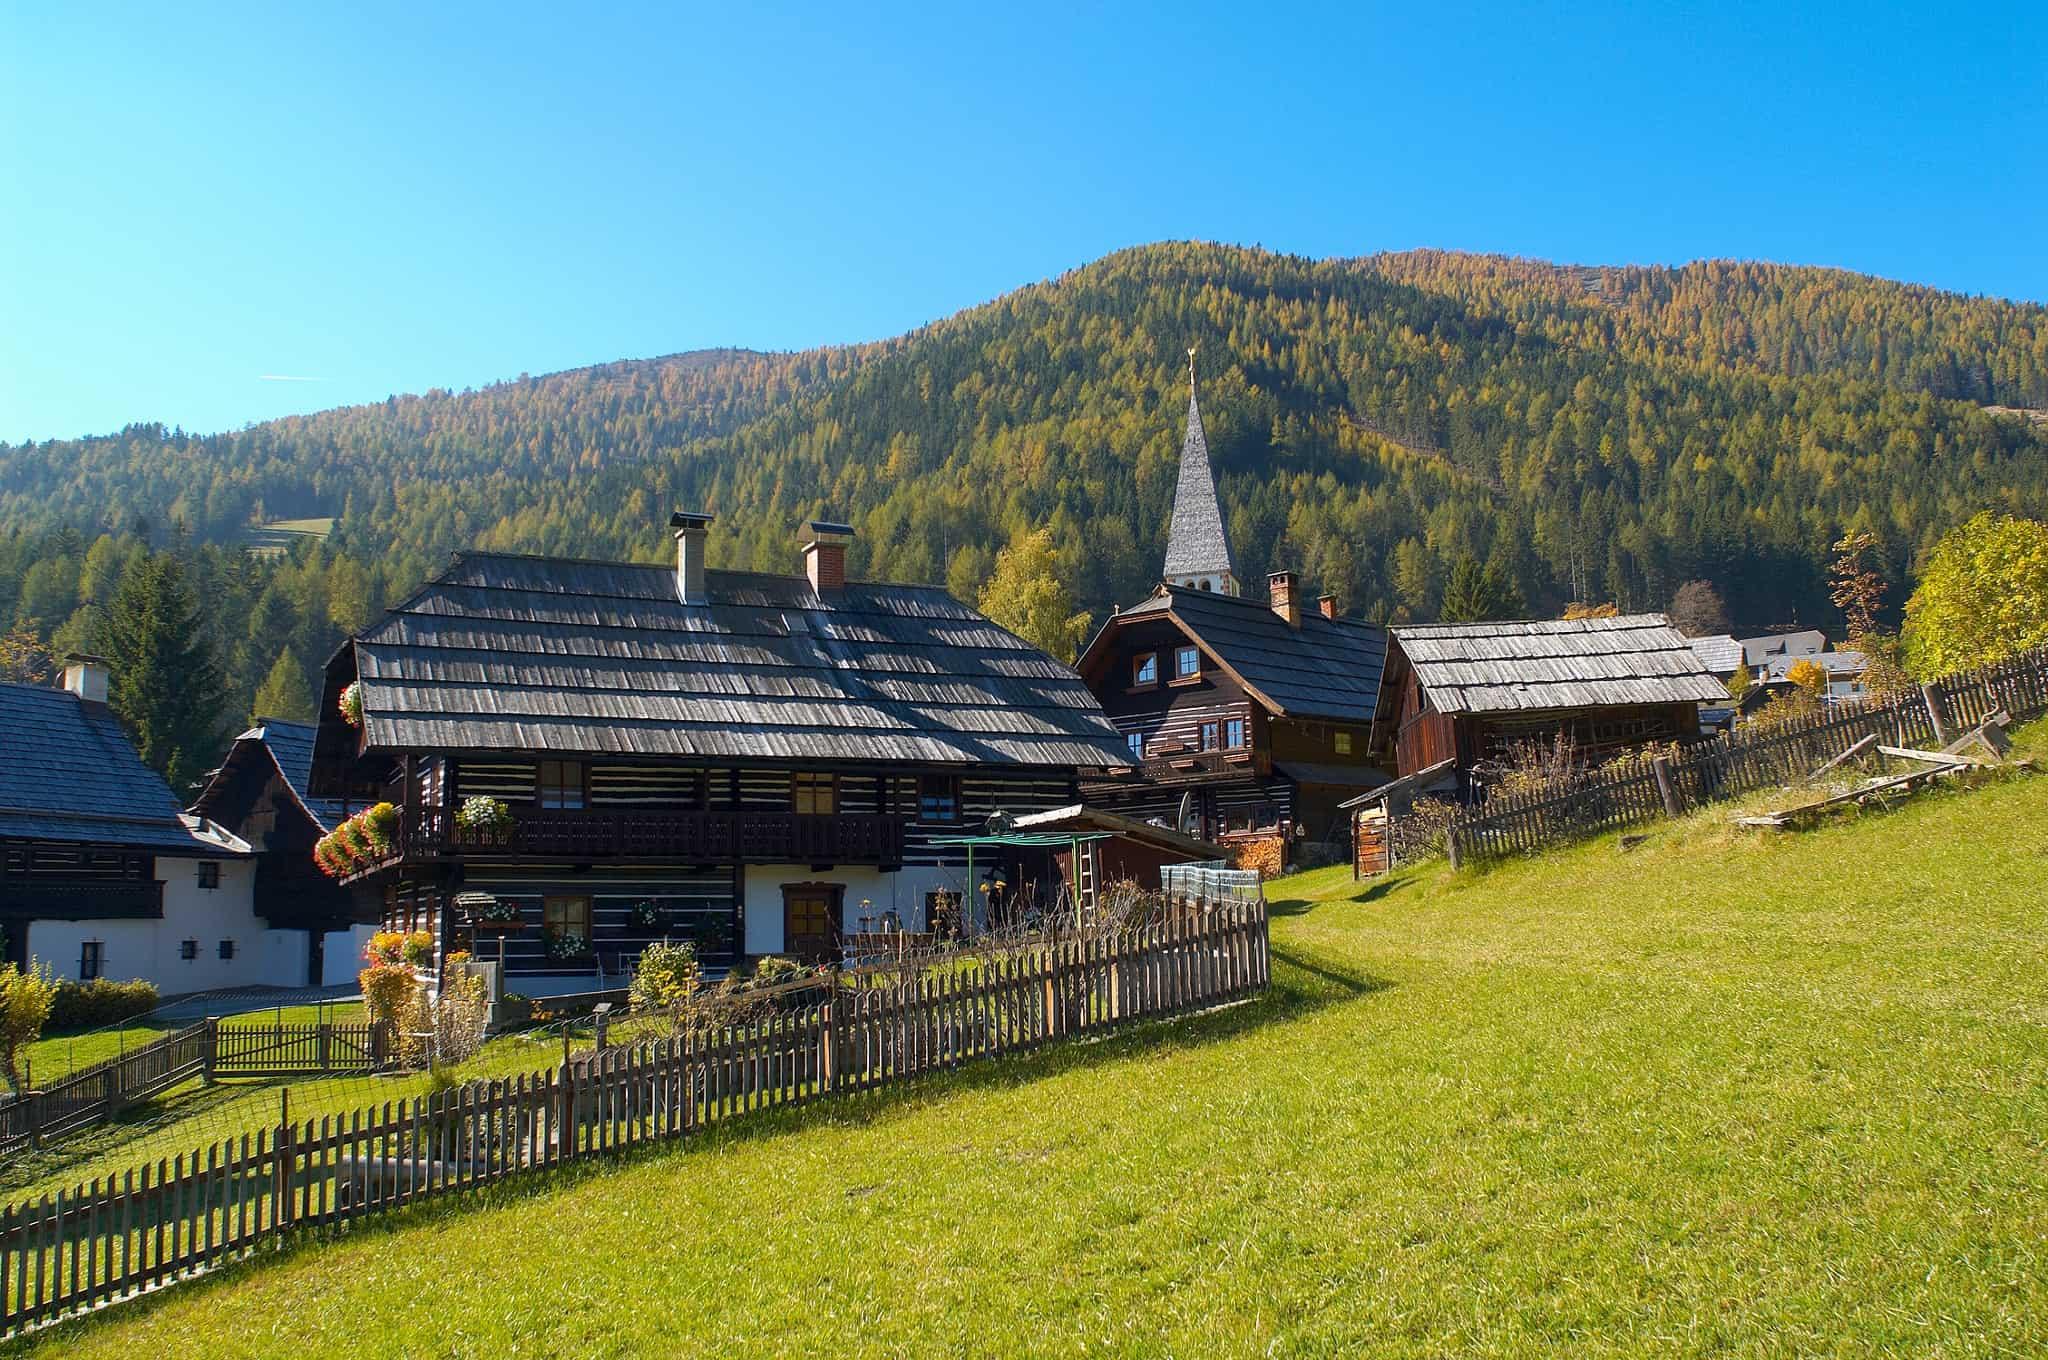 St. Oswald bei Bad Kleinkirchheim. Ort für Wanderungen und Ausflüge in der Natur. Sehenswert in Österreich